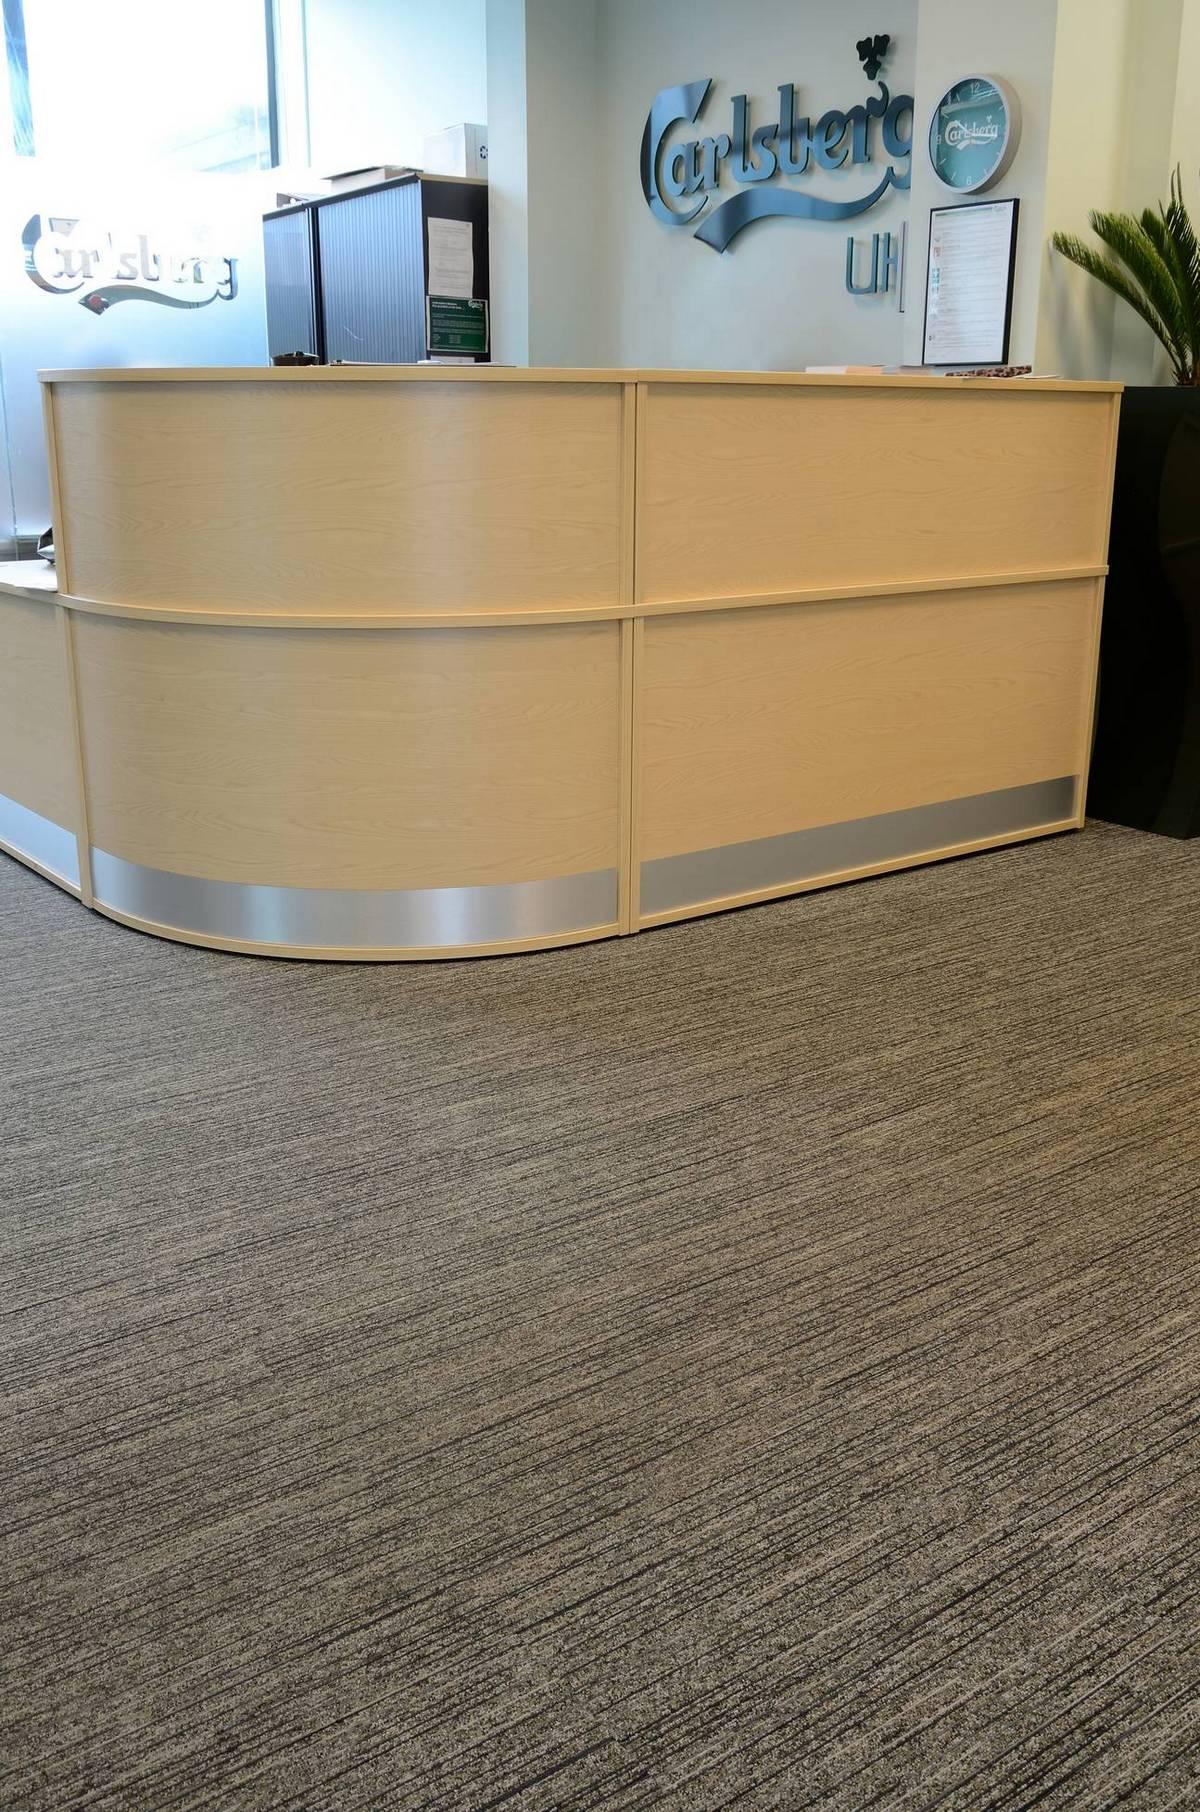 Tandem Carpet Tiles At Carlsberg Uk Burmatex